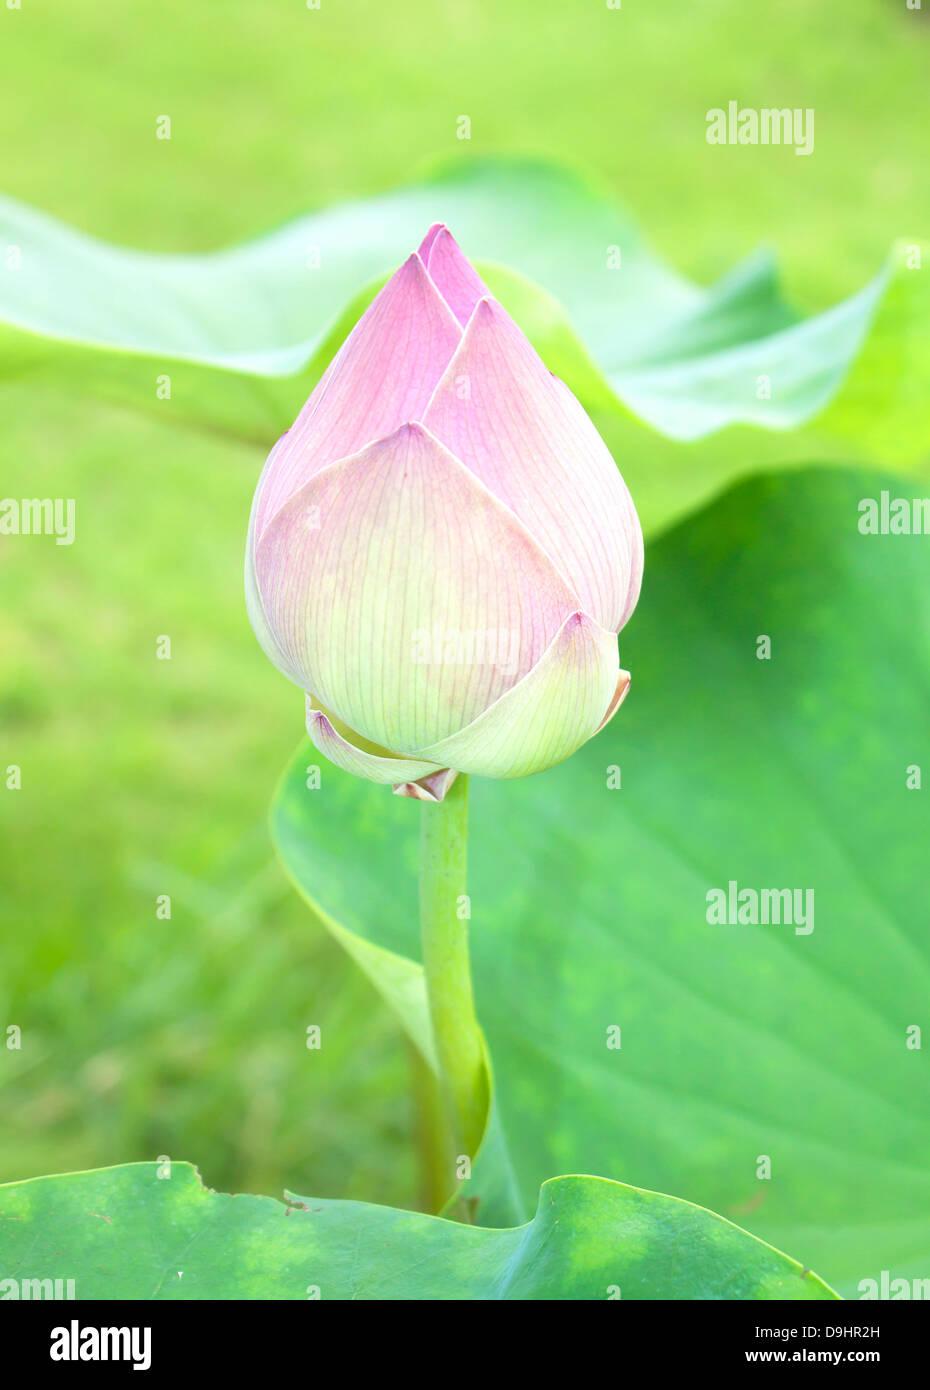 Lotus buds stock photos lotus buds stock images alamy lotus buds lotus flower and lotus flower plants stock image izmirmasajfo